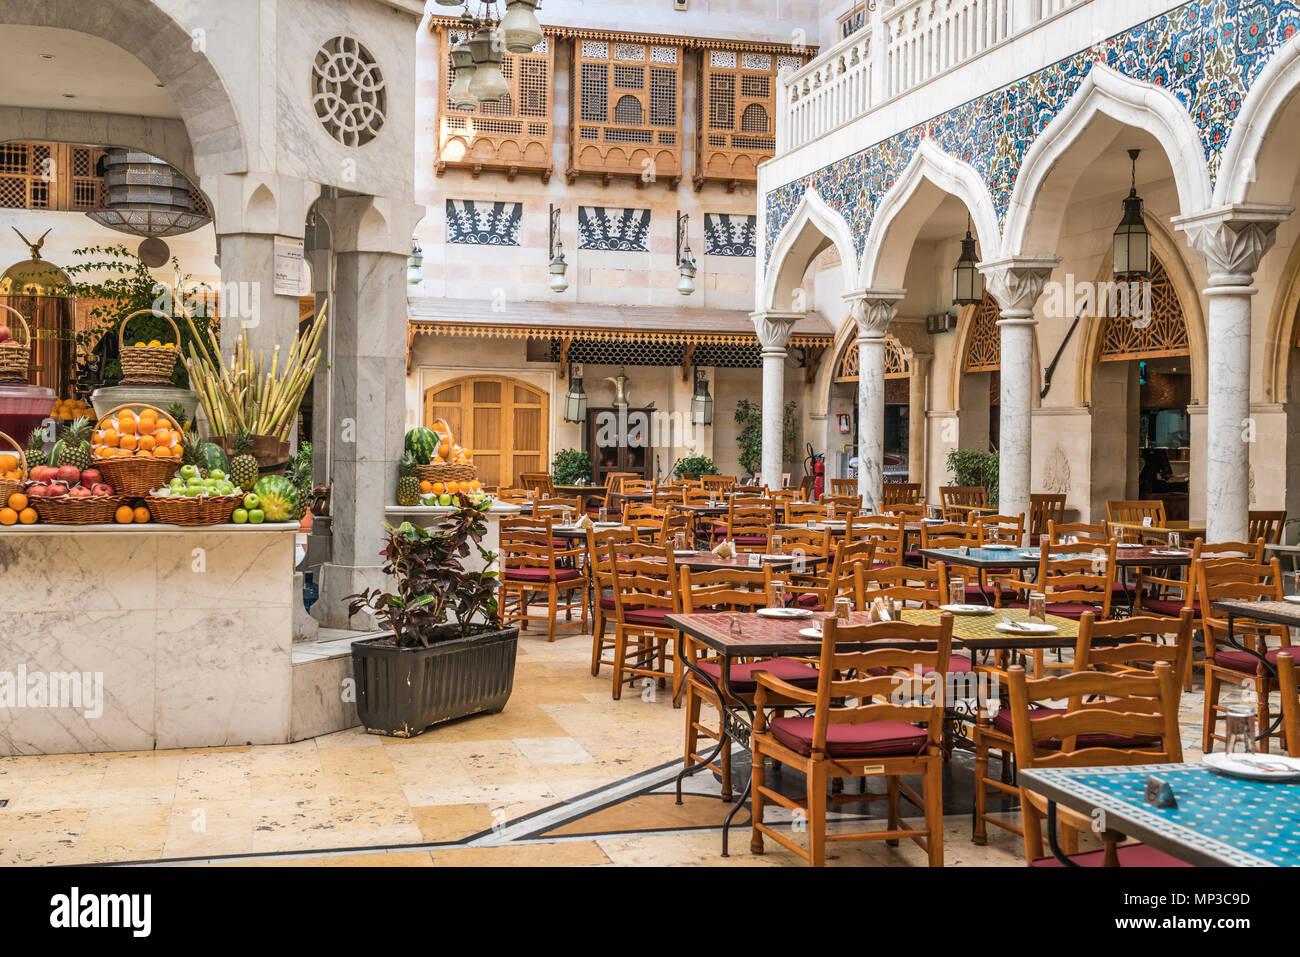 Der souk Restaurant in der Wafi Shopping Center, Dubai, Vereinigte Arabische Emirate, Naher Osten. Stockfoto